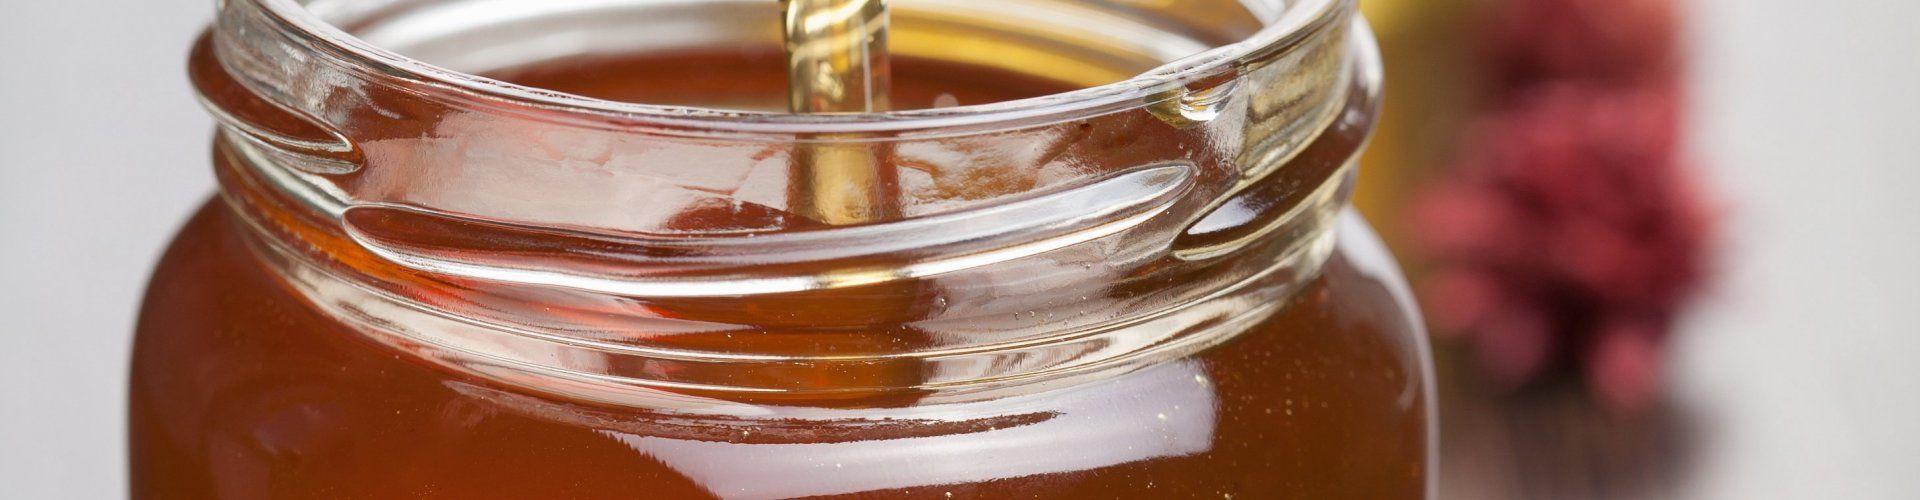 Honey from Sardinia.